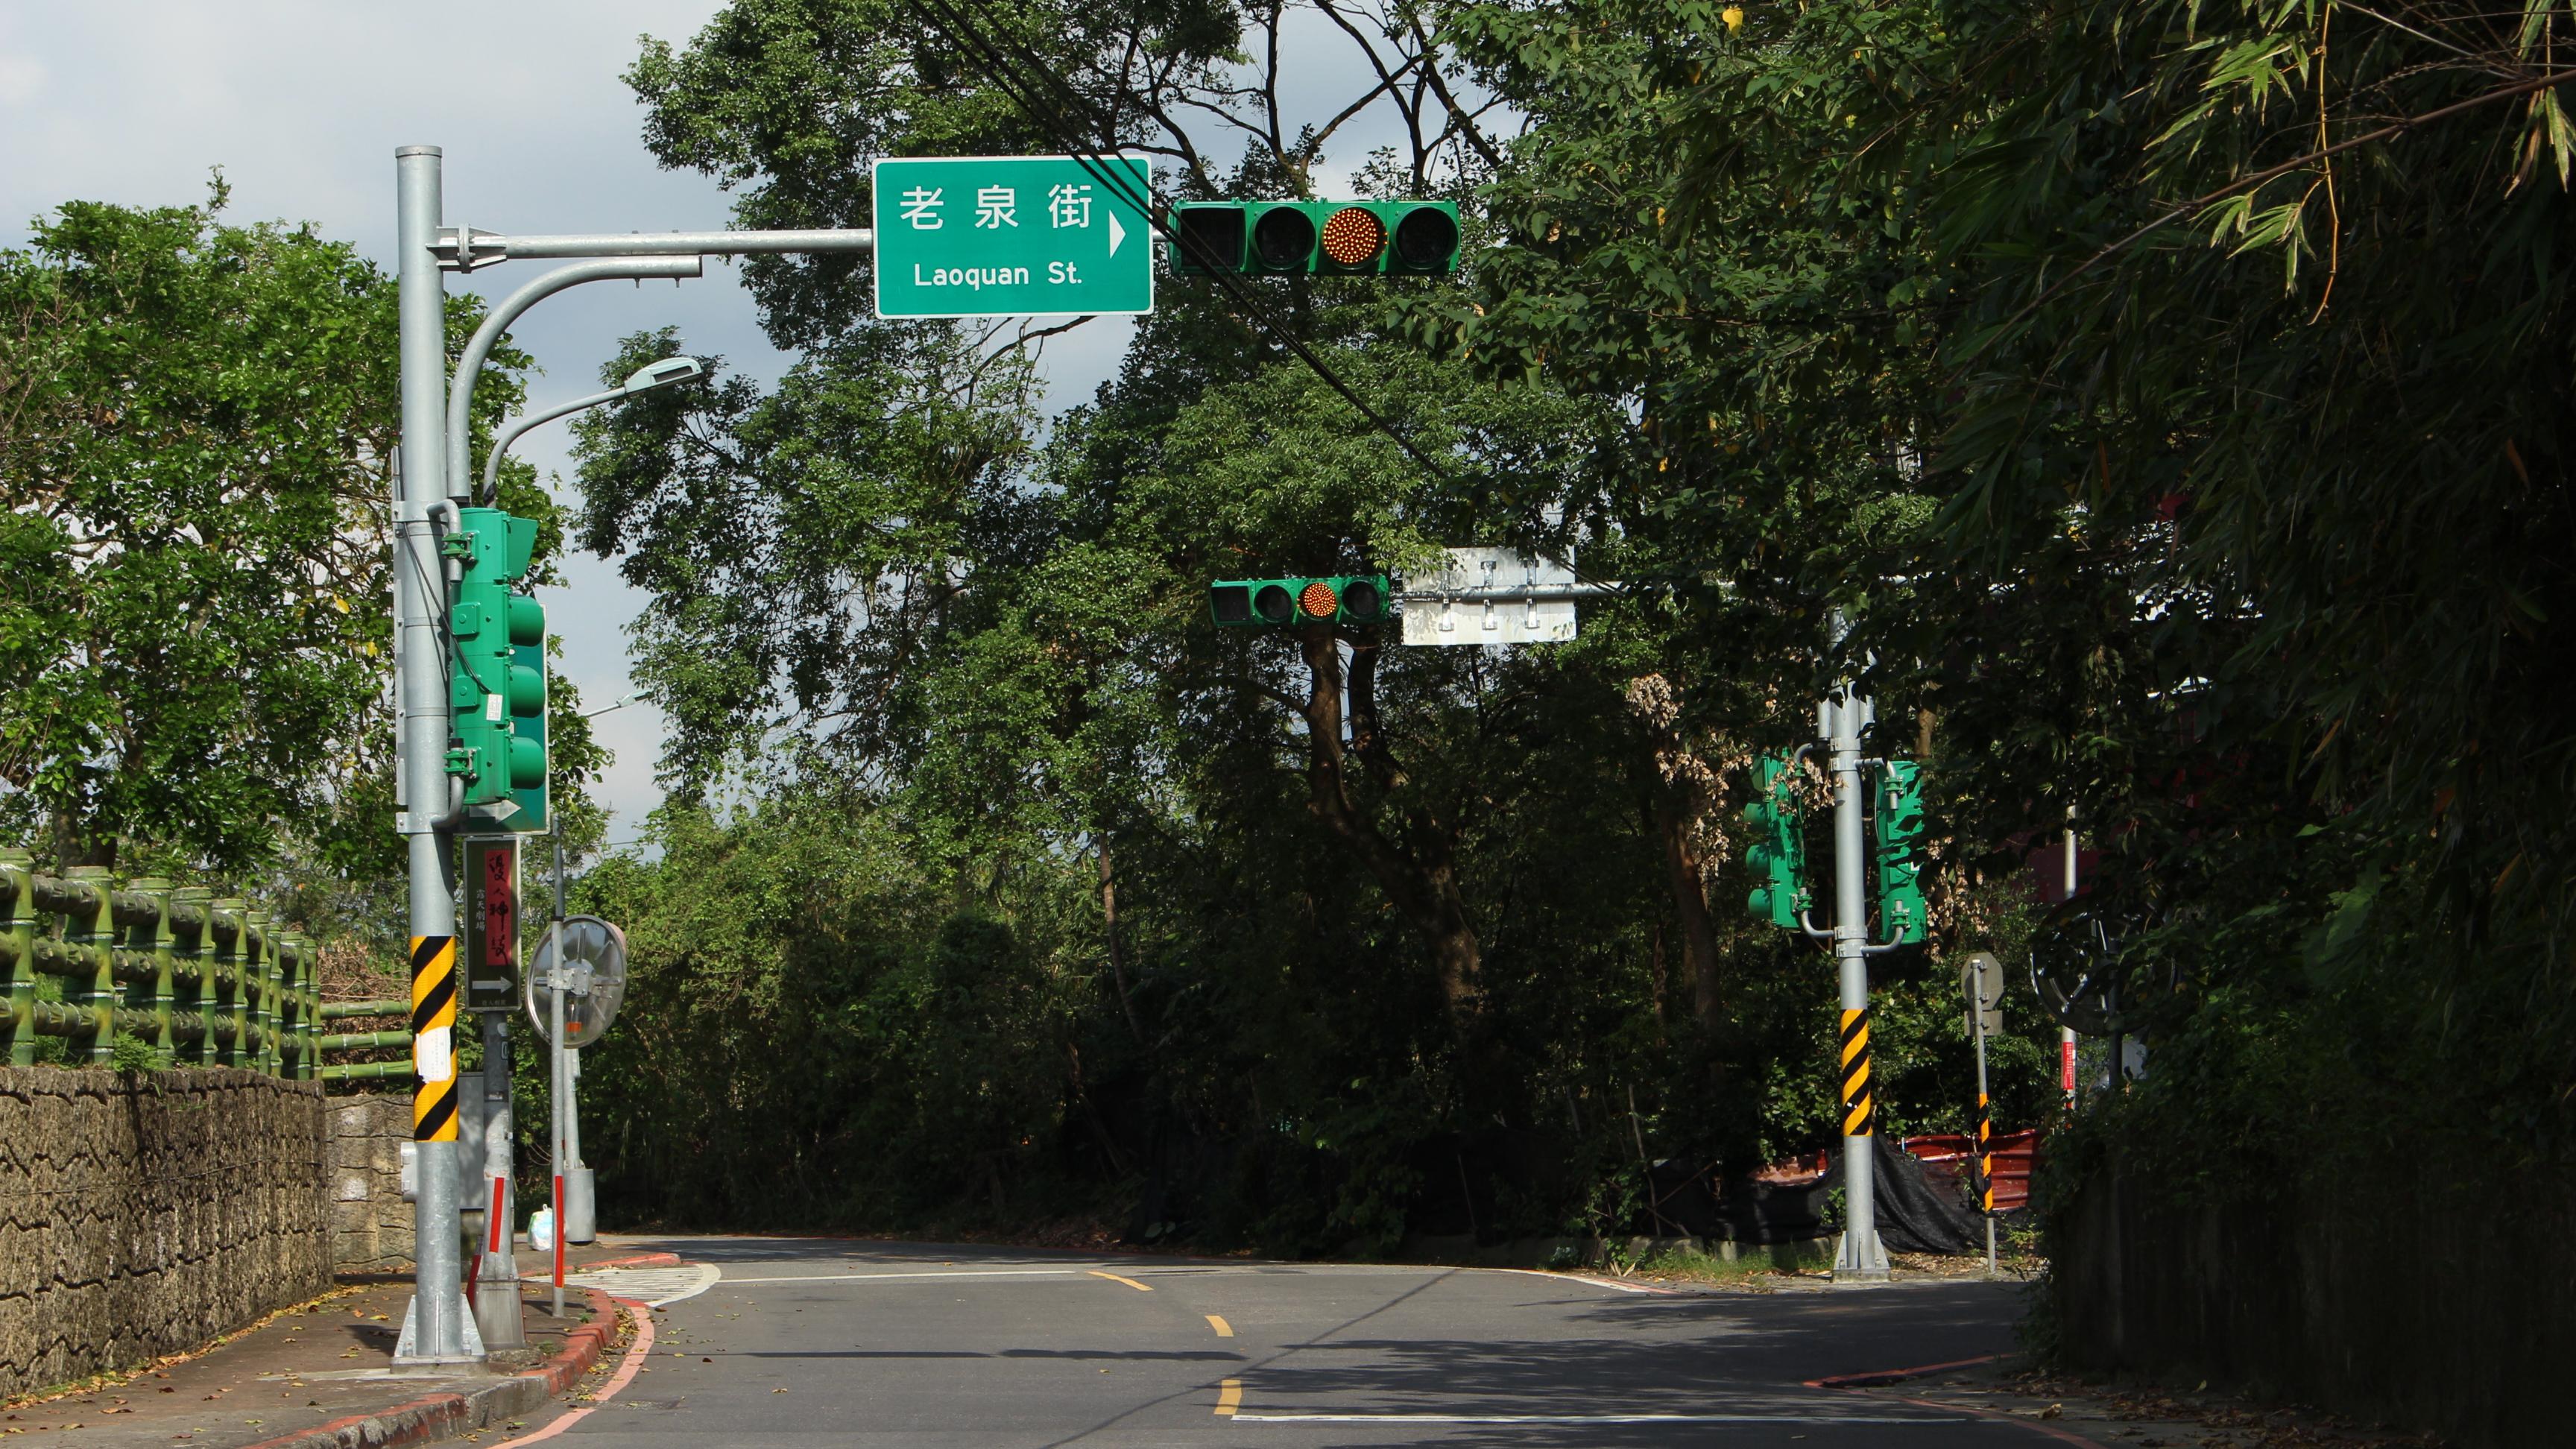 增設新路標前,老泉里僅有老泉街、老泉街26巷及老泉街45巷三條主要道路的指示。